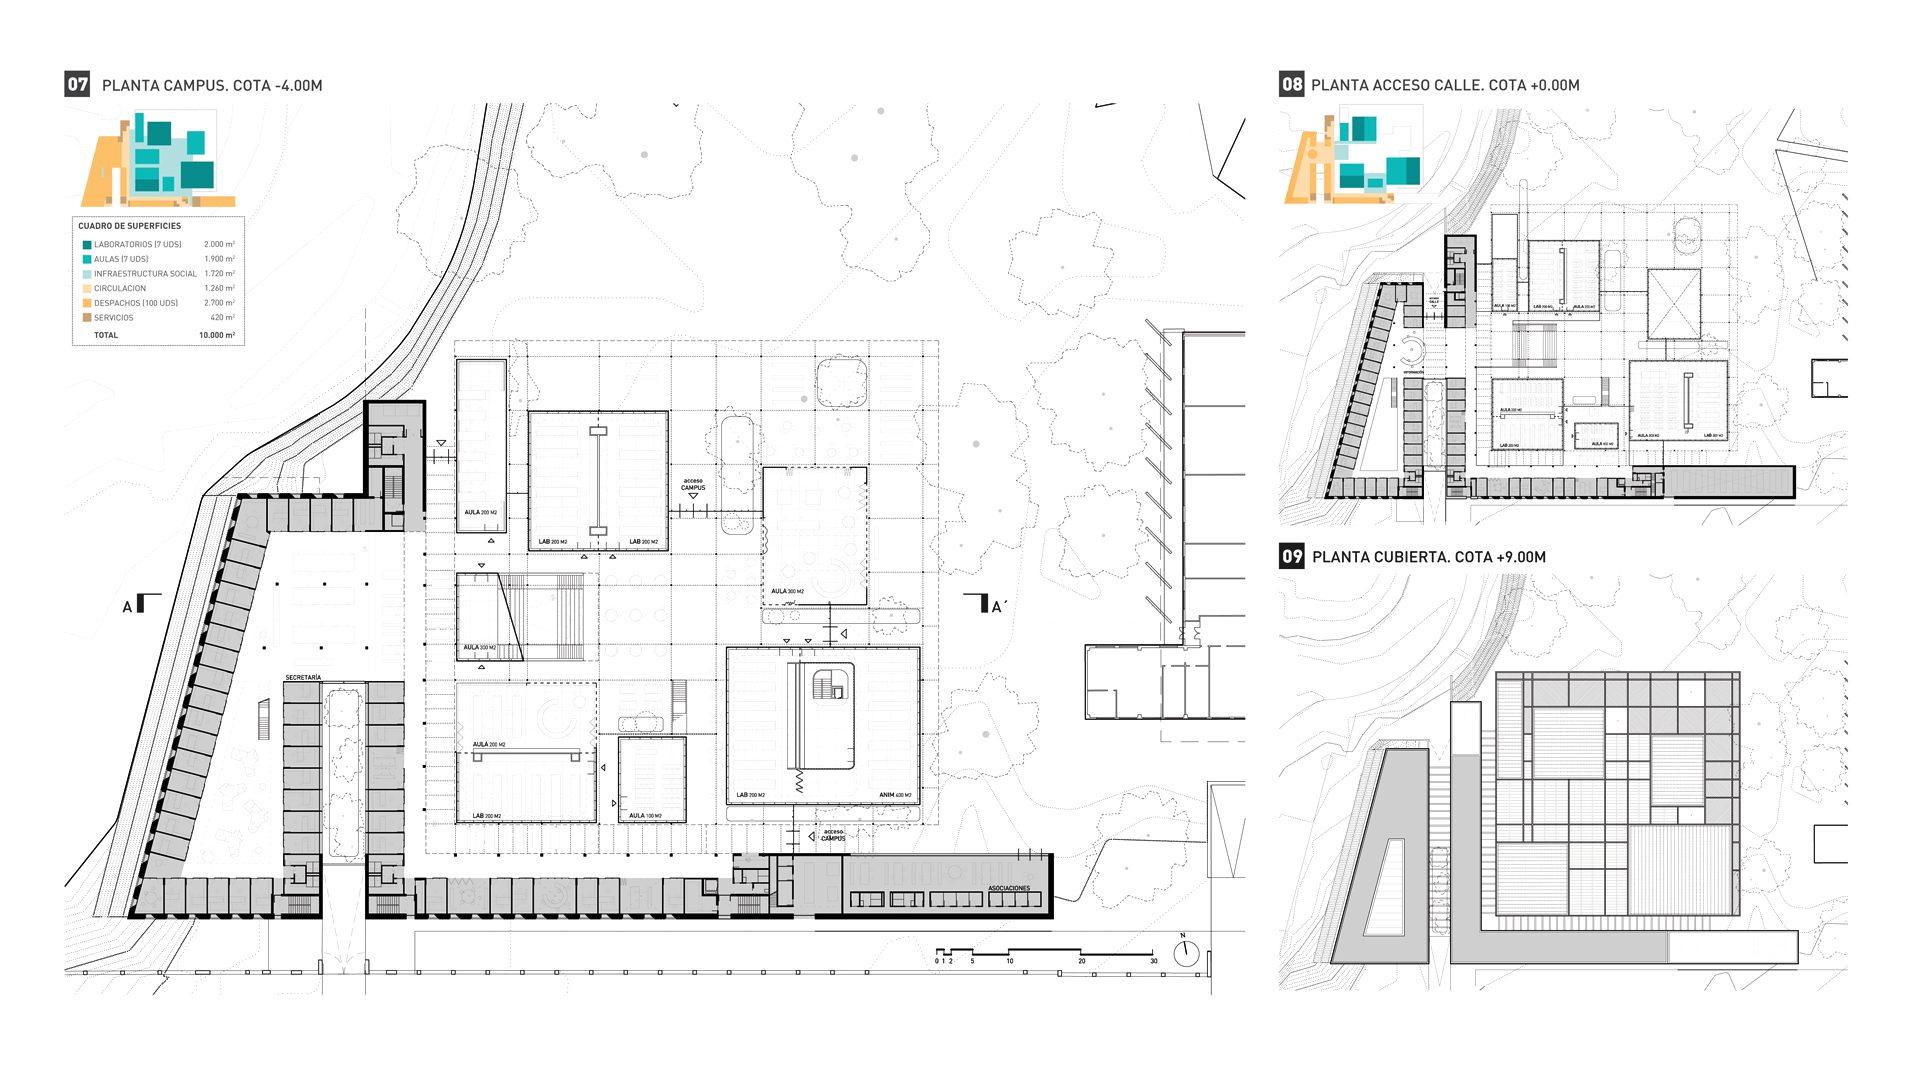 01_Floorplans